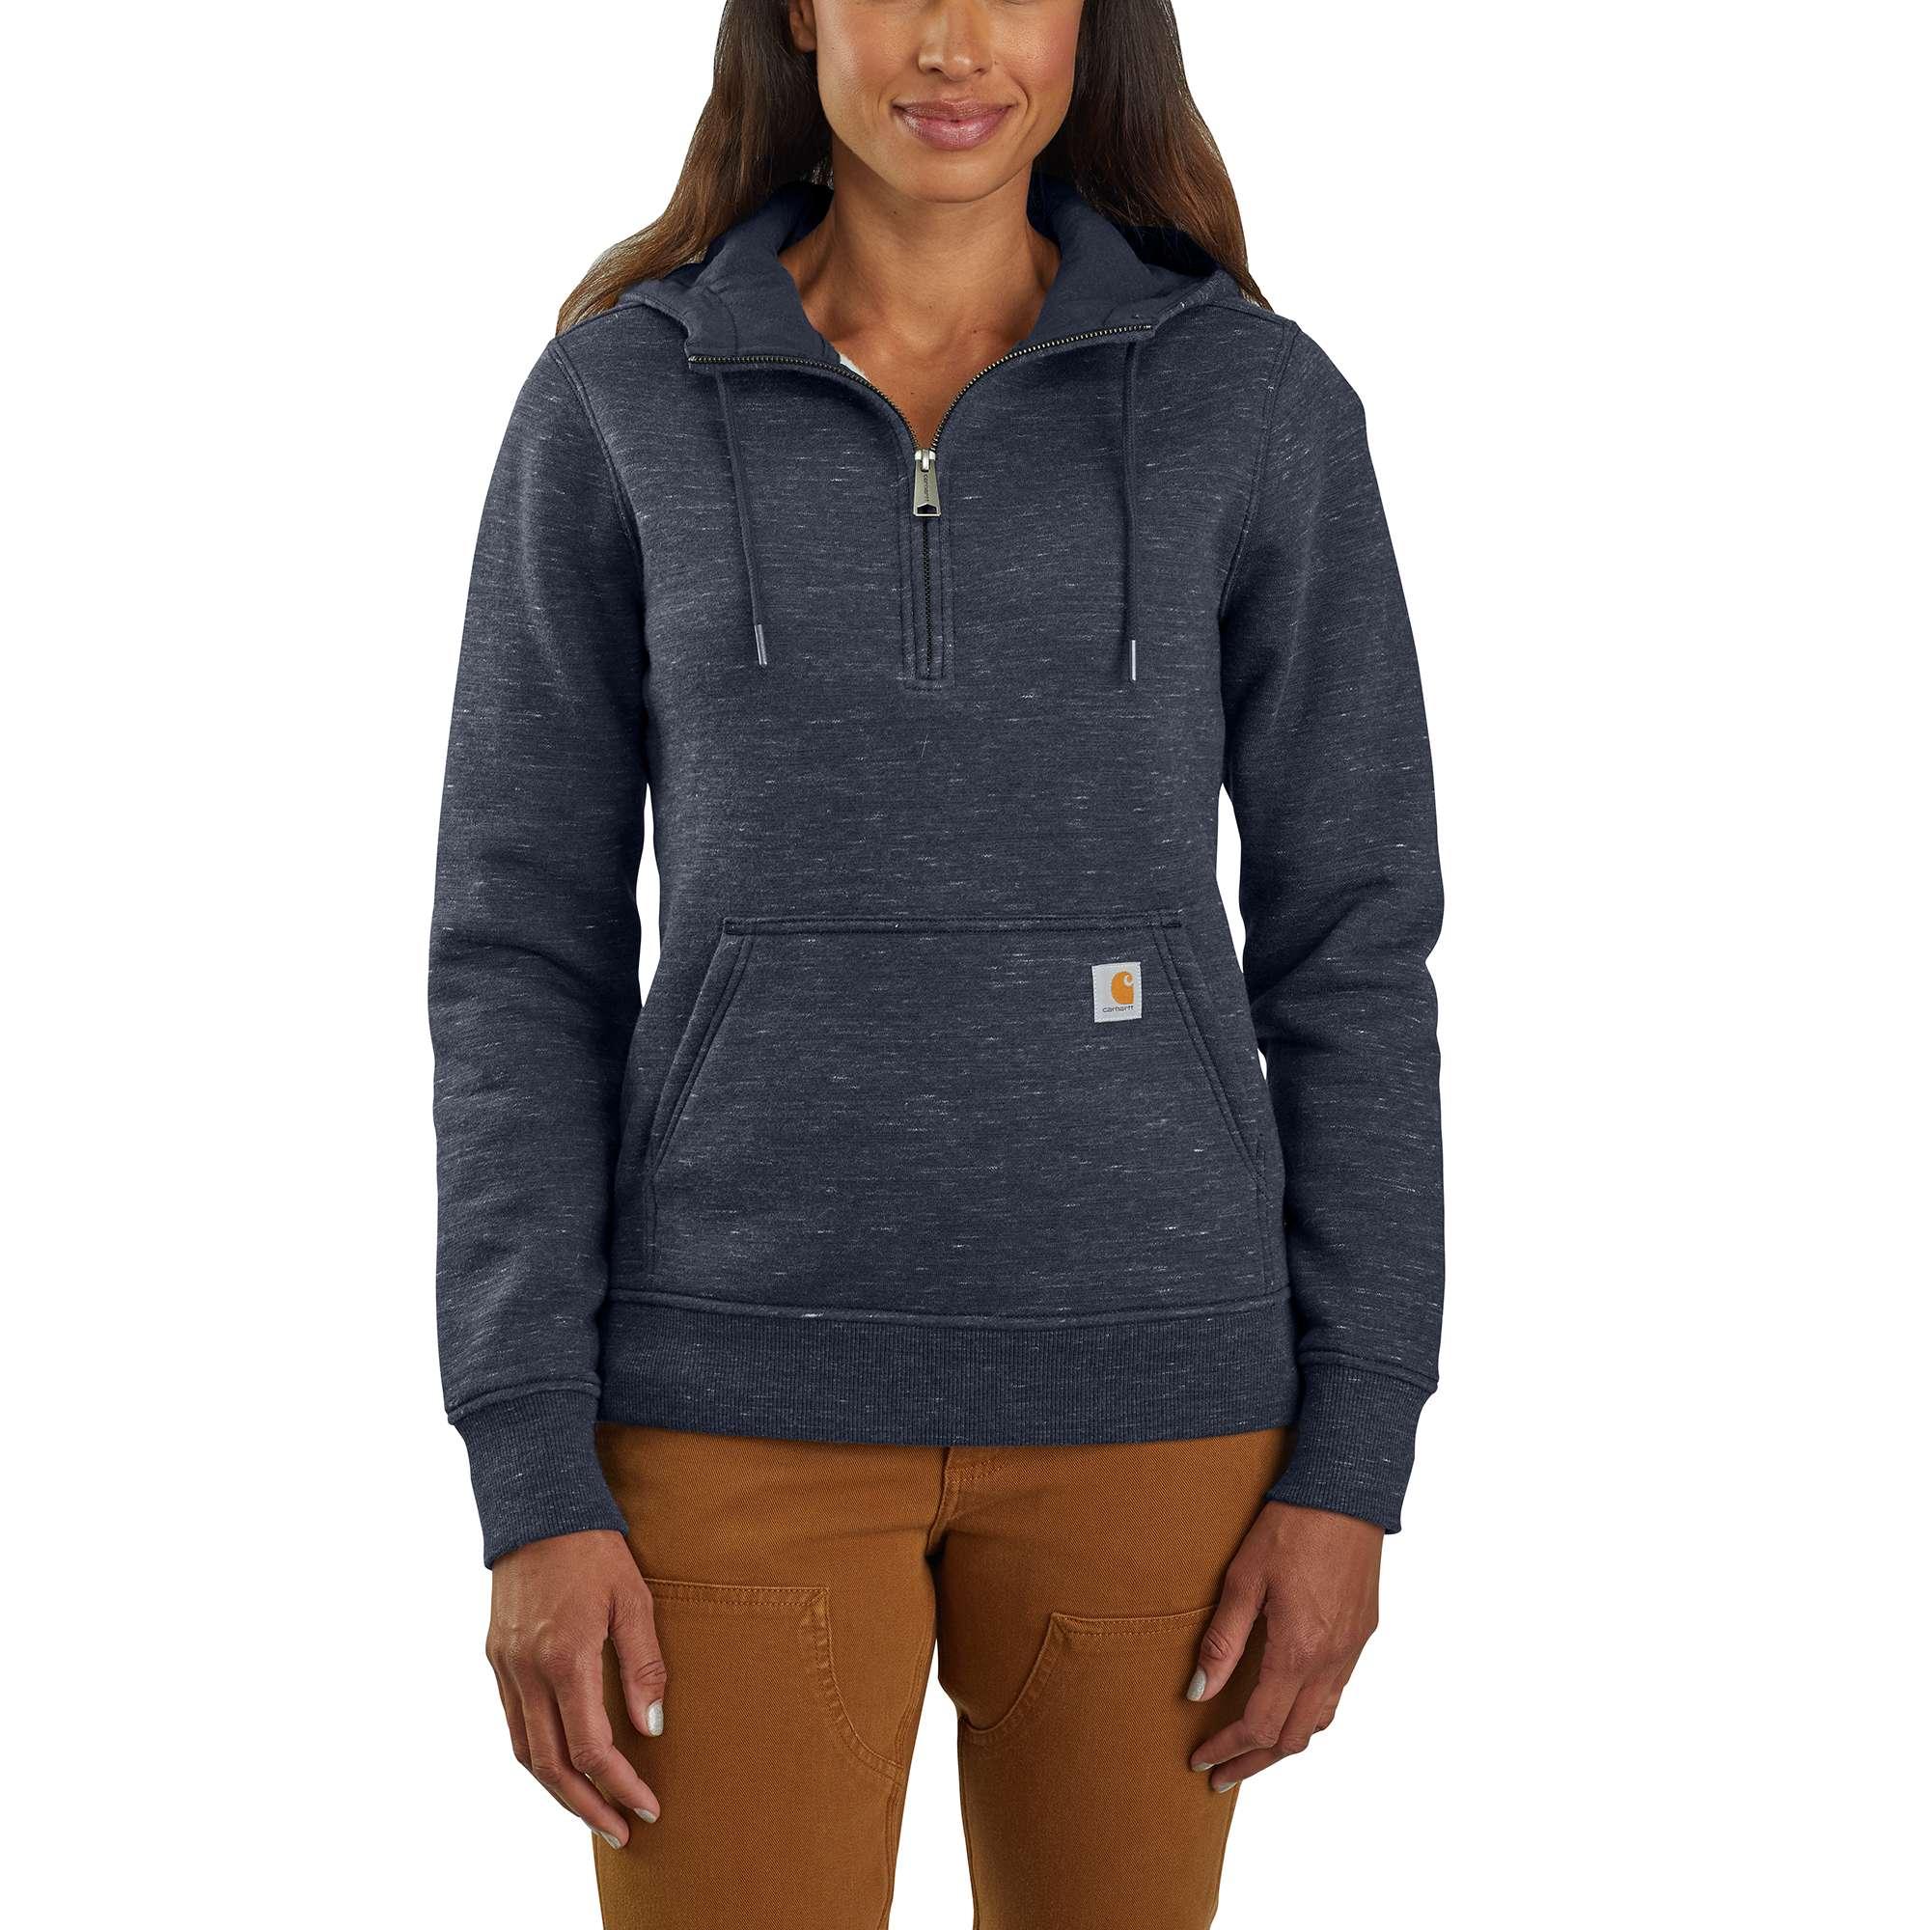 Carhartt Clarksburg Half-Zip Sweatshirt